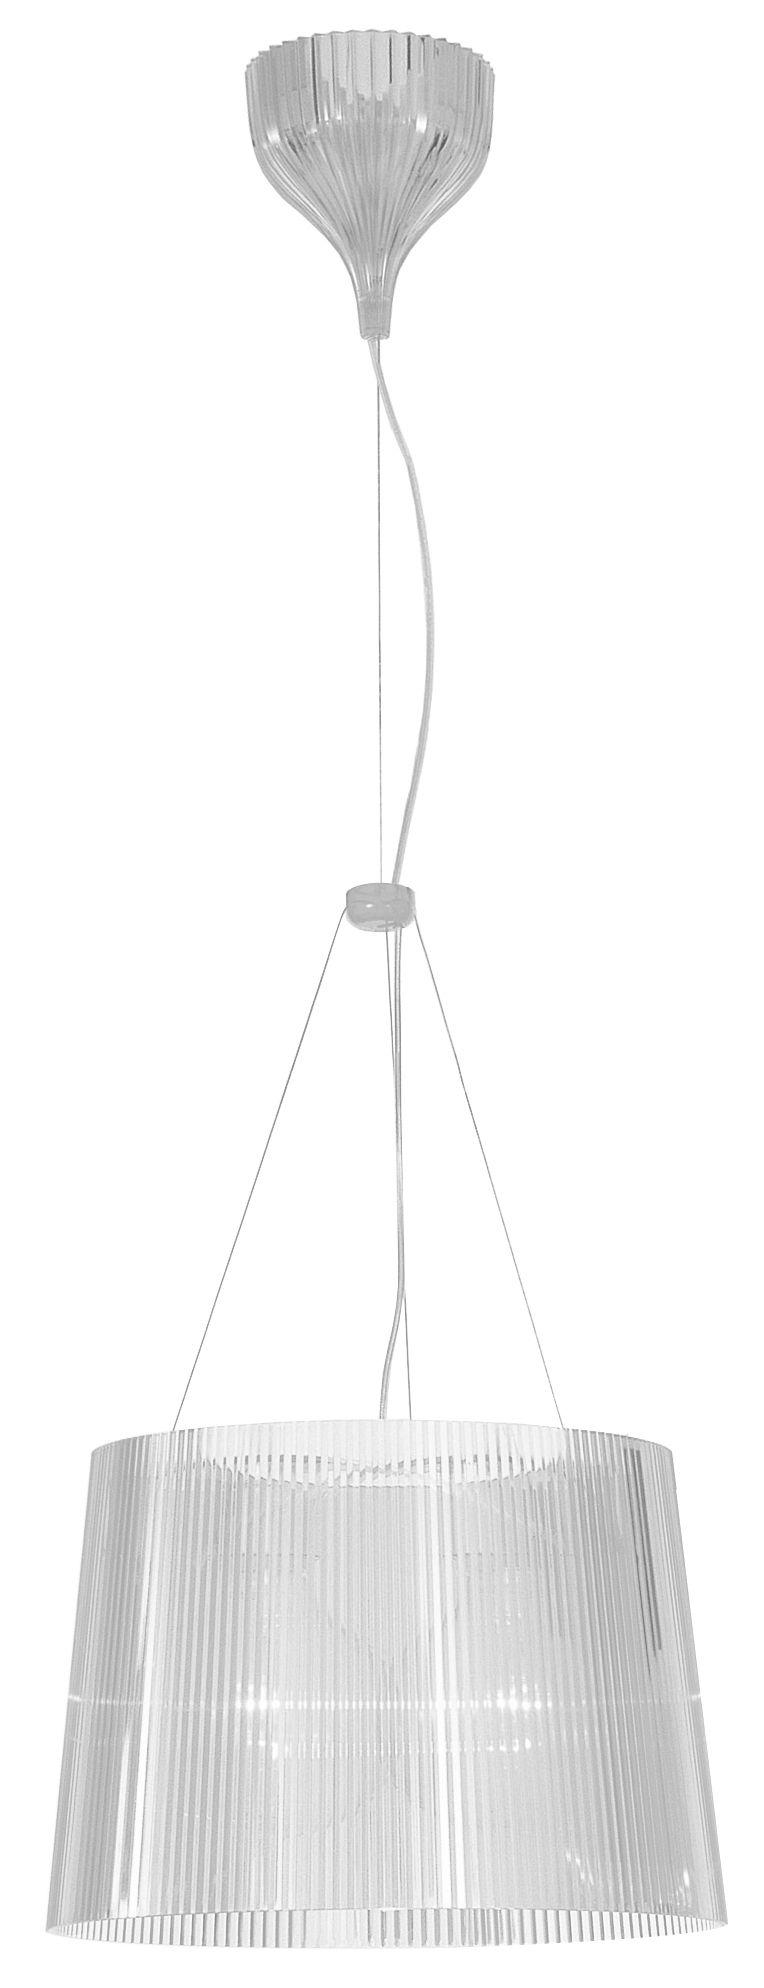 Leuchten - Pendelleuchten - Gé Pendelleuchte - Kartell - Kristall - Polykarbonat